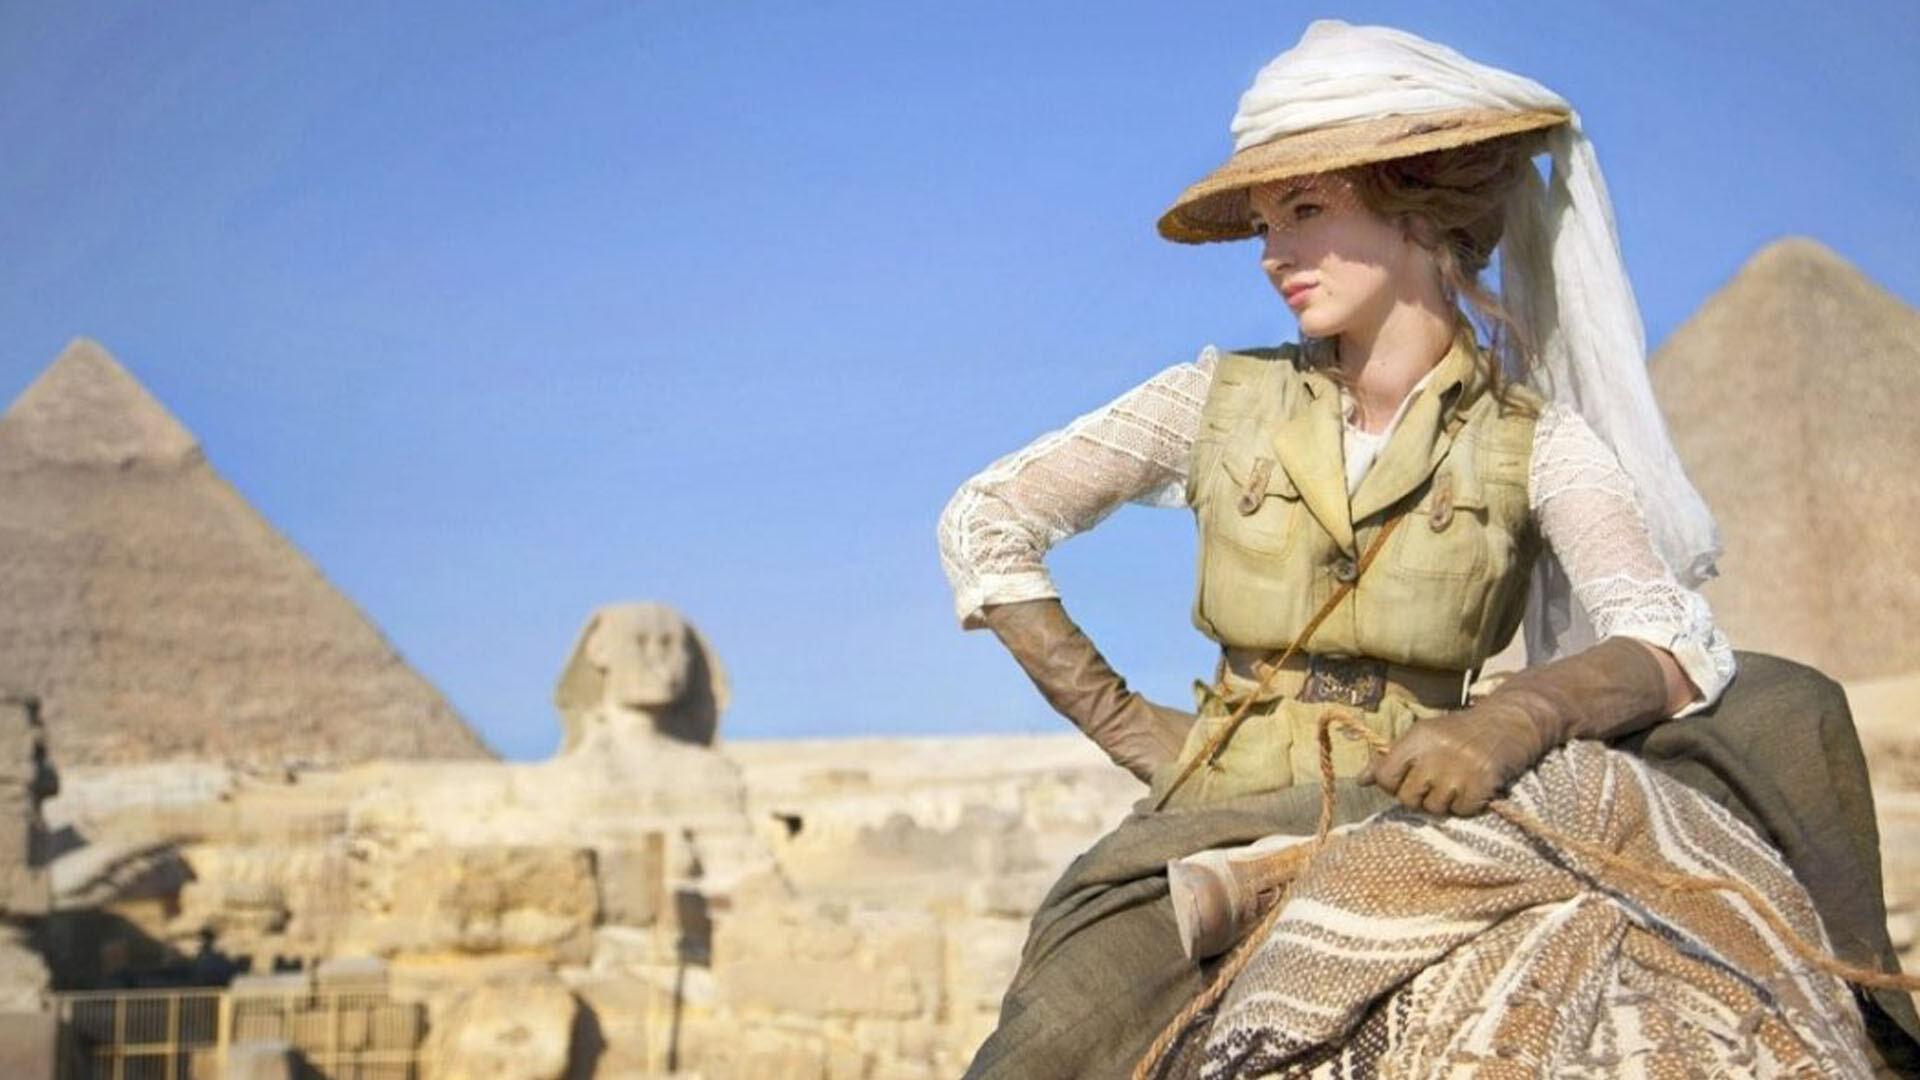 Premium Cinema 1 Adele e l'enigma del Faraone